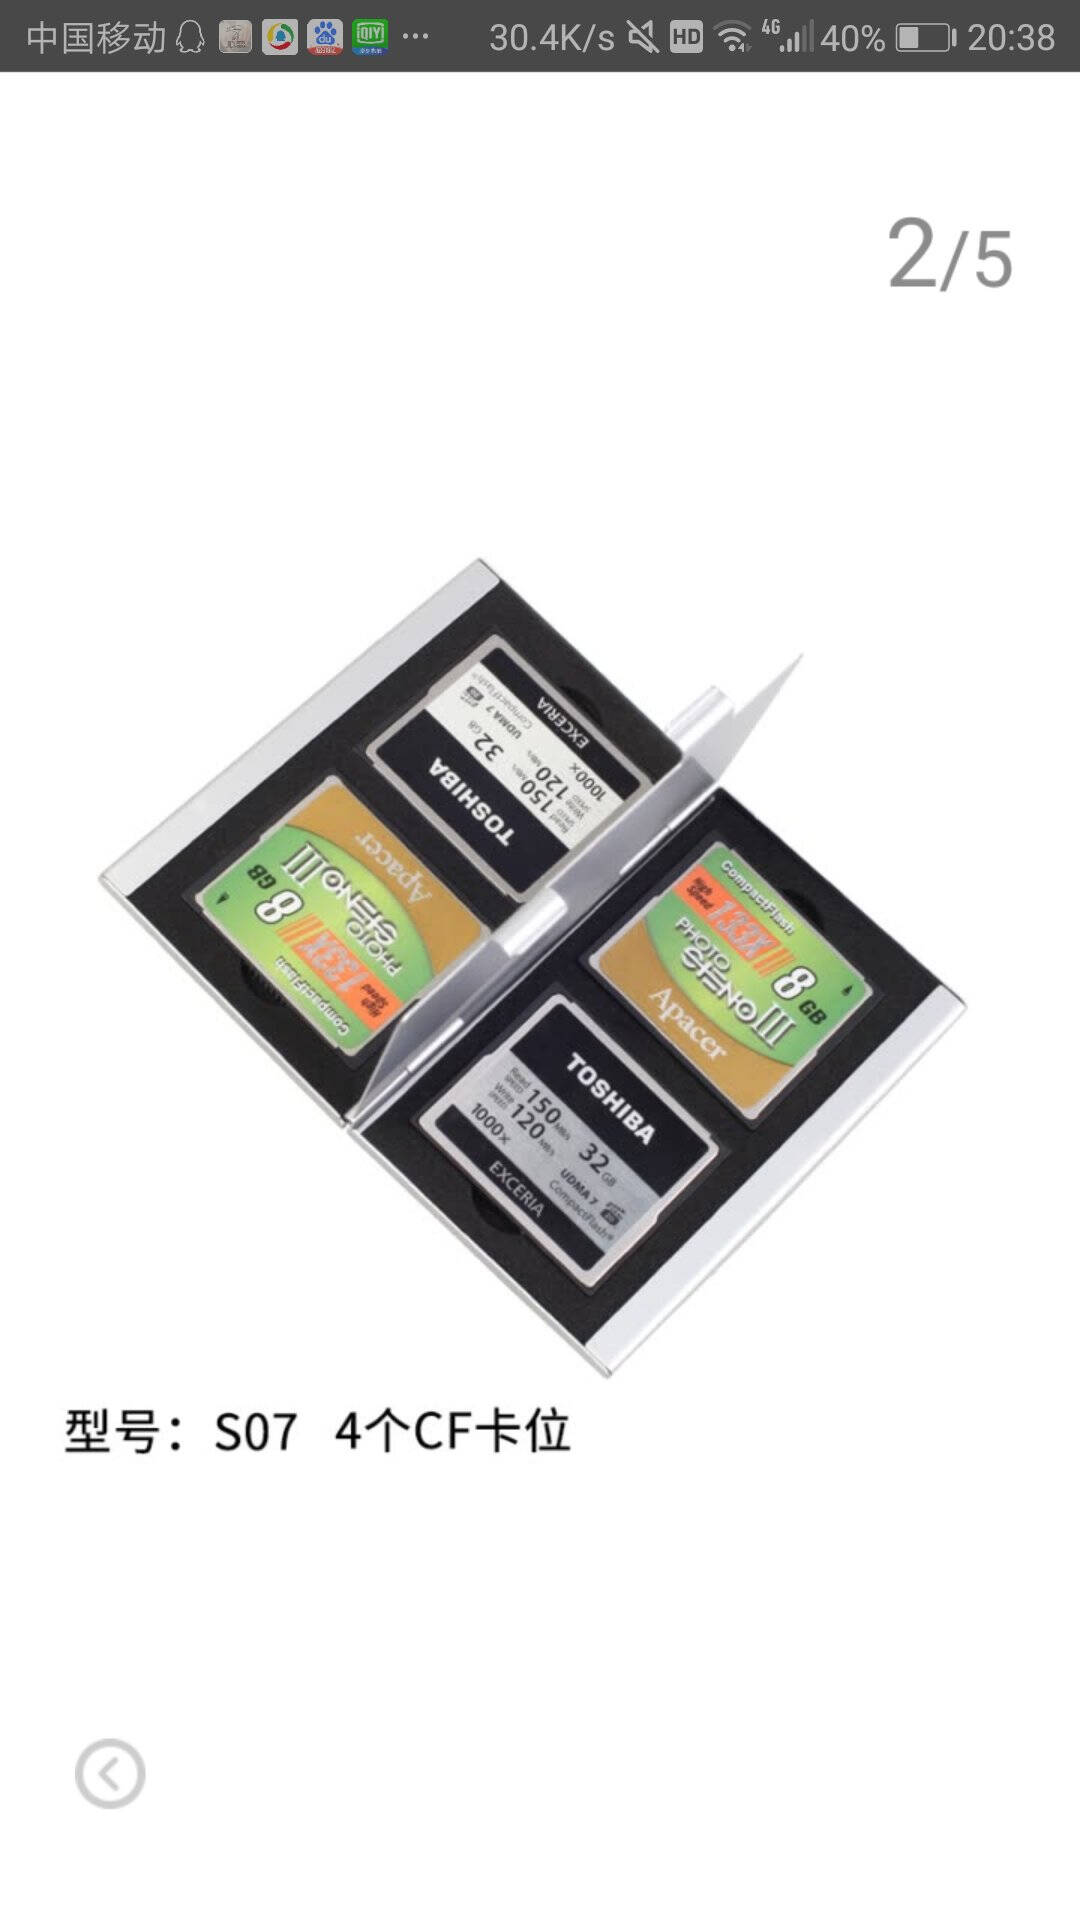 佰卓多功能内存卡盒CF卡SD卡TF卡收纳包SIM卡存储卡保护盒双层银行卡信用卡收纳盒S10(2大2小2NANO+2SD+4TF+1针)